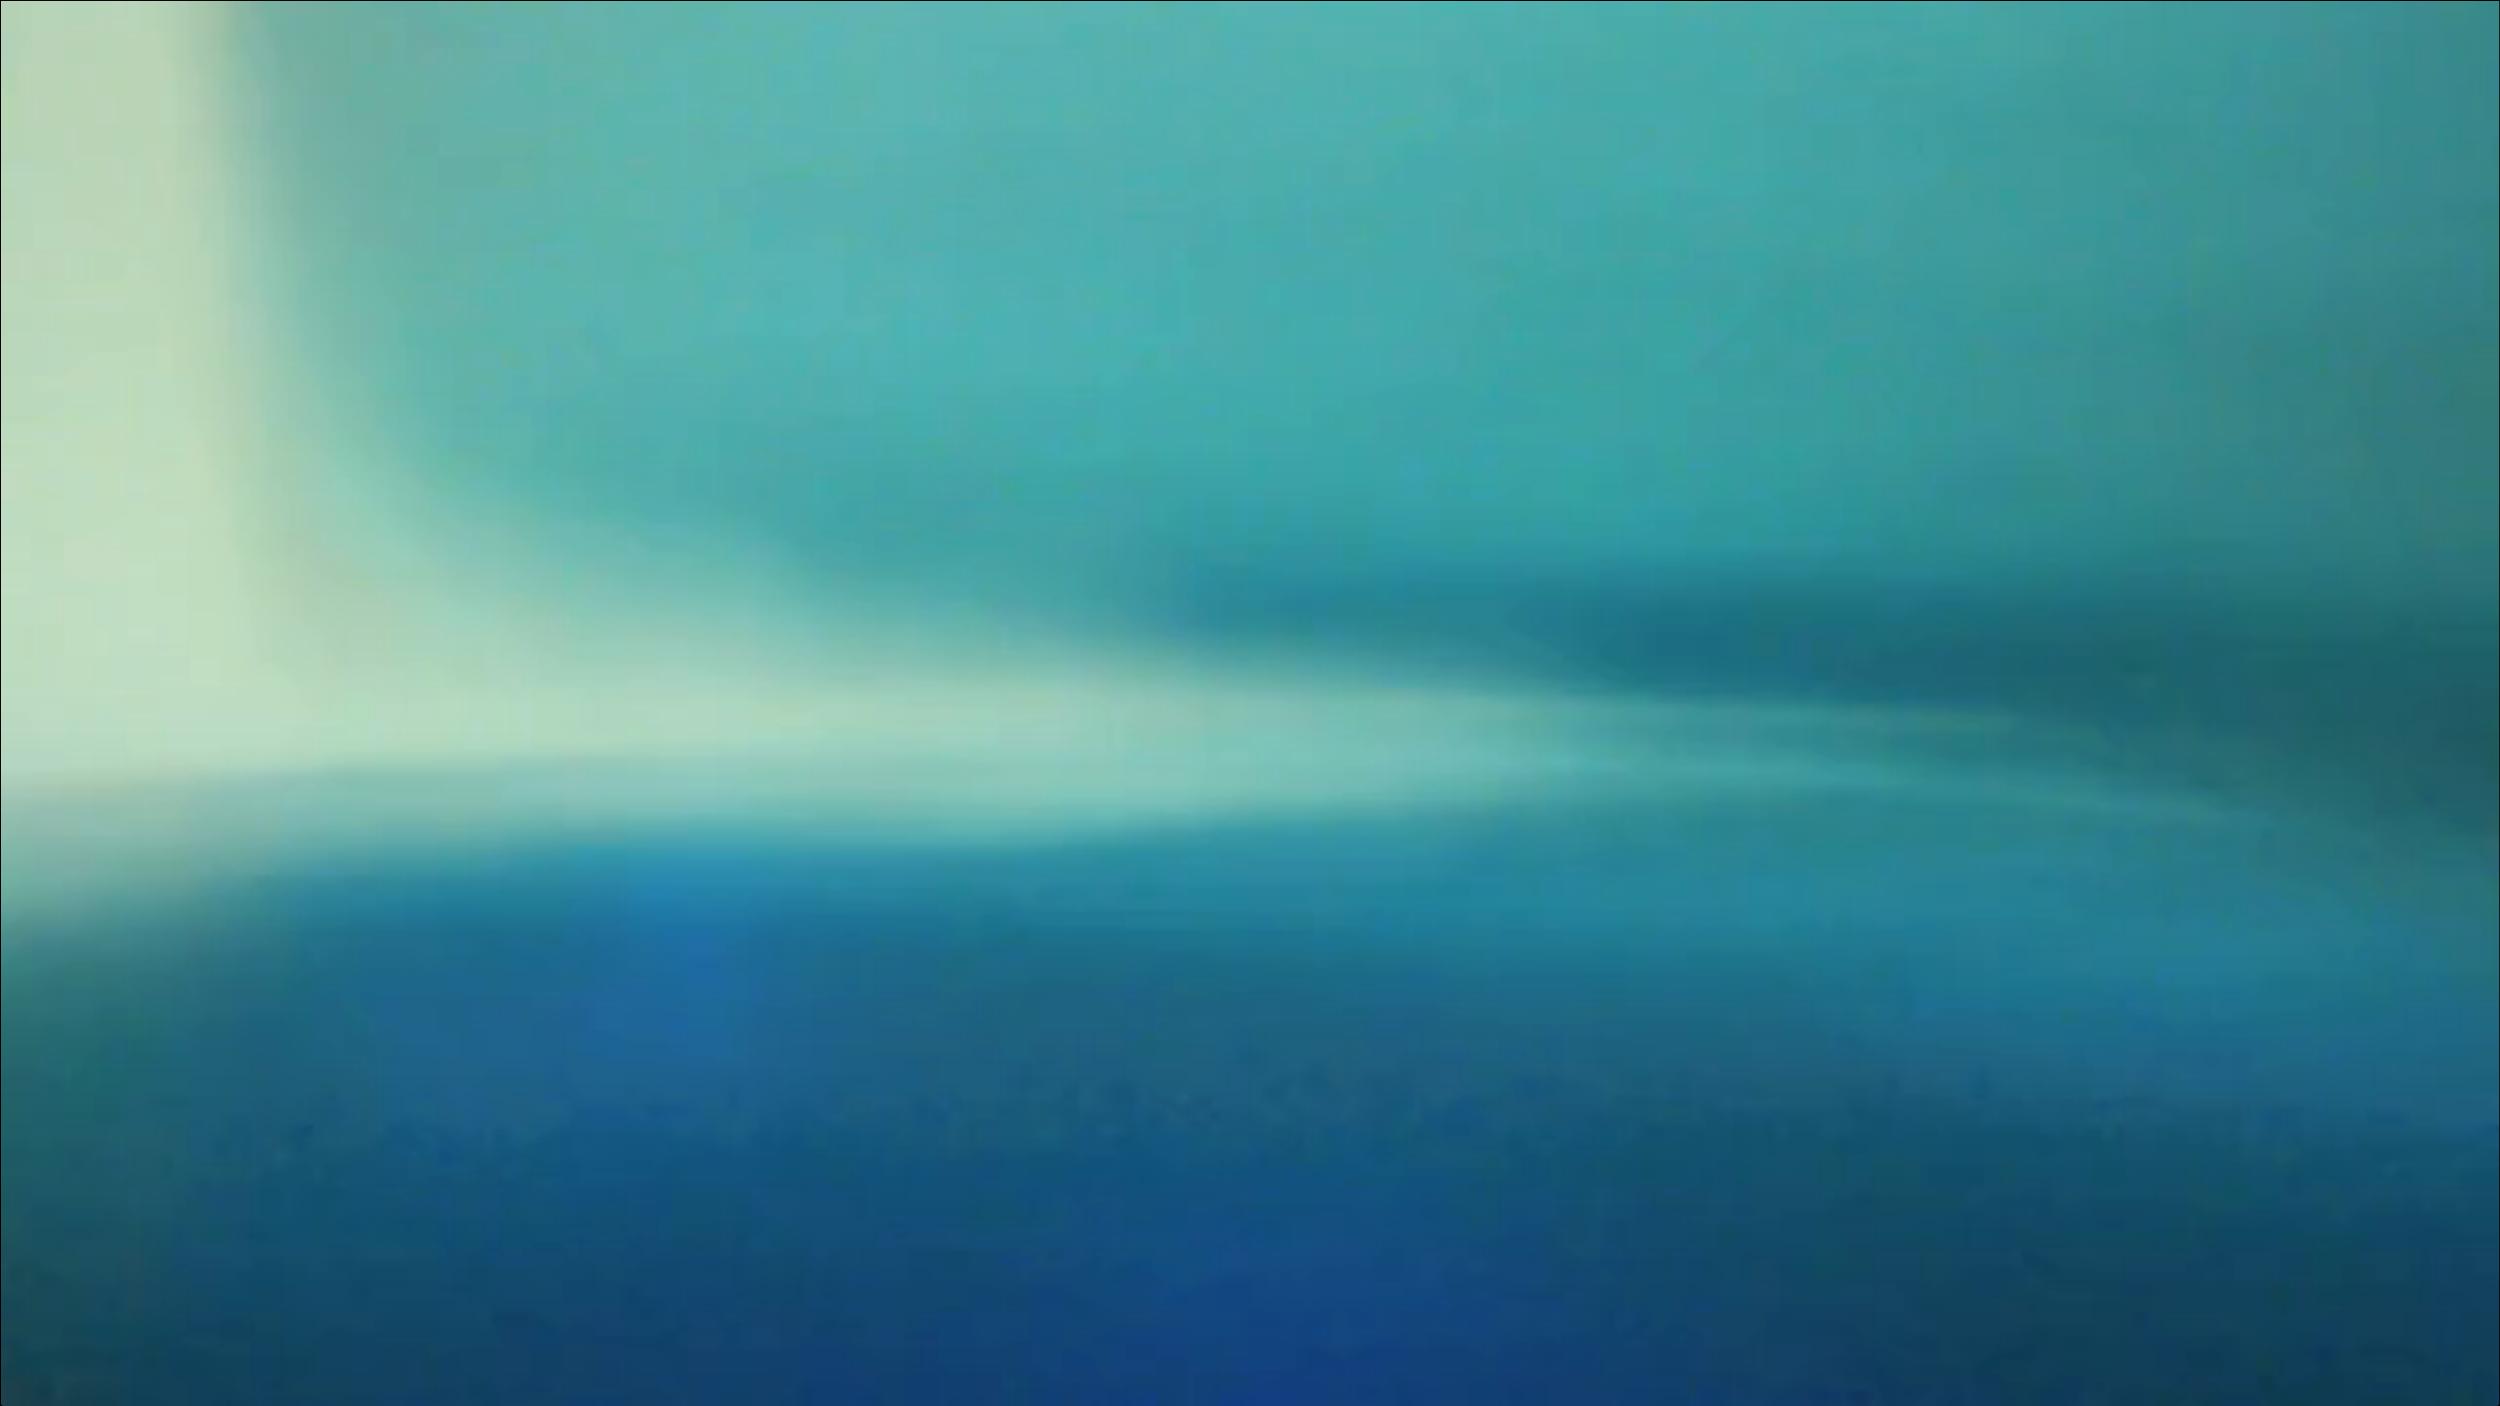 Screen Shot 2014-03-25 at 4.34.50 PM.png